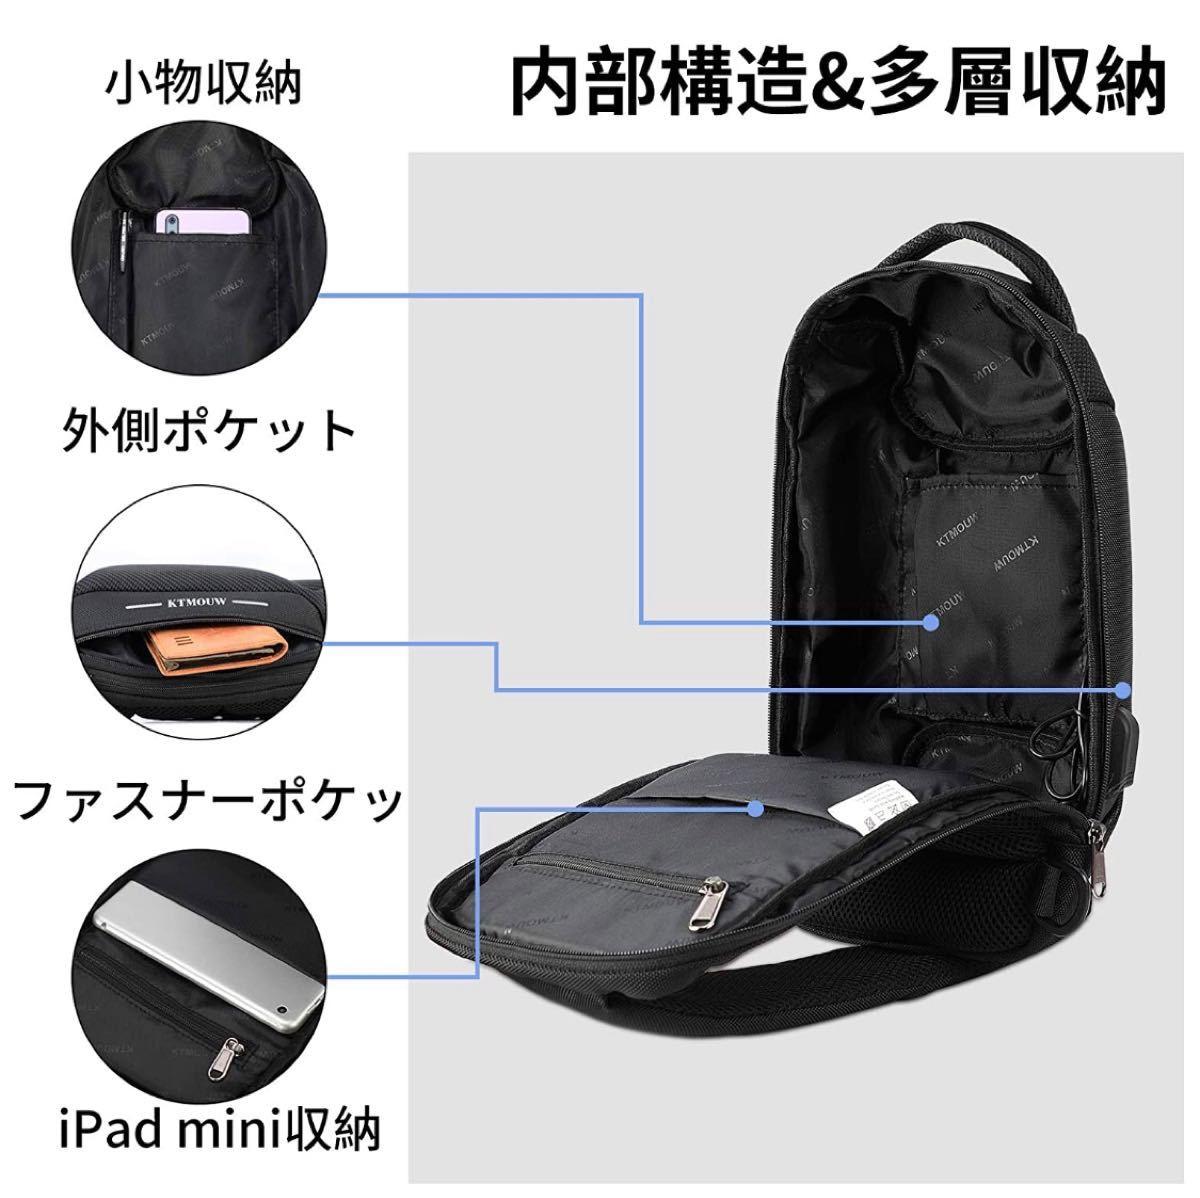 ボディバッグ メンズ ショルダーバッグ メンズ 大容量 斜めがけ バッグ